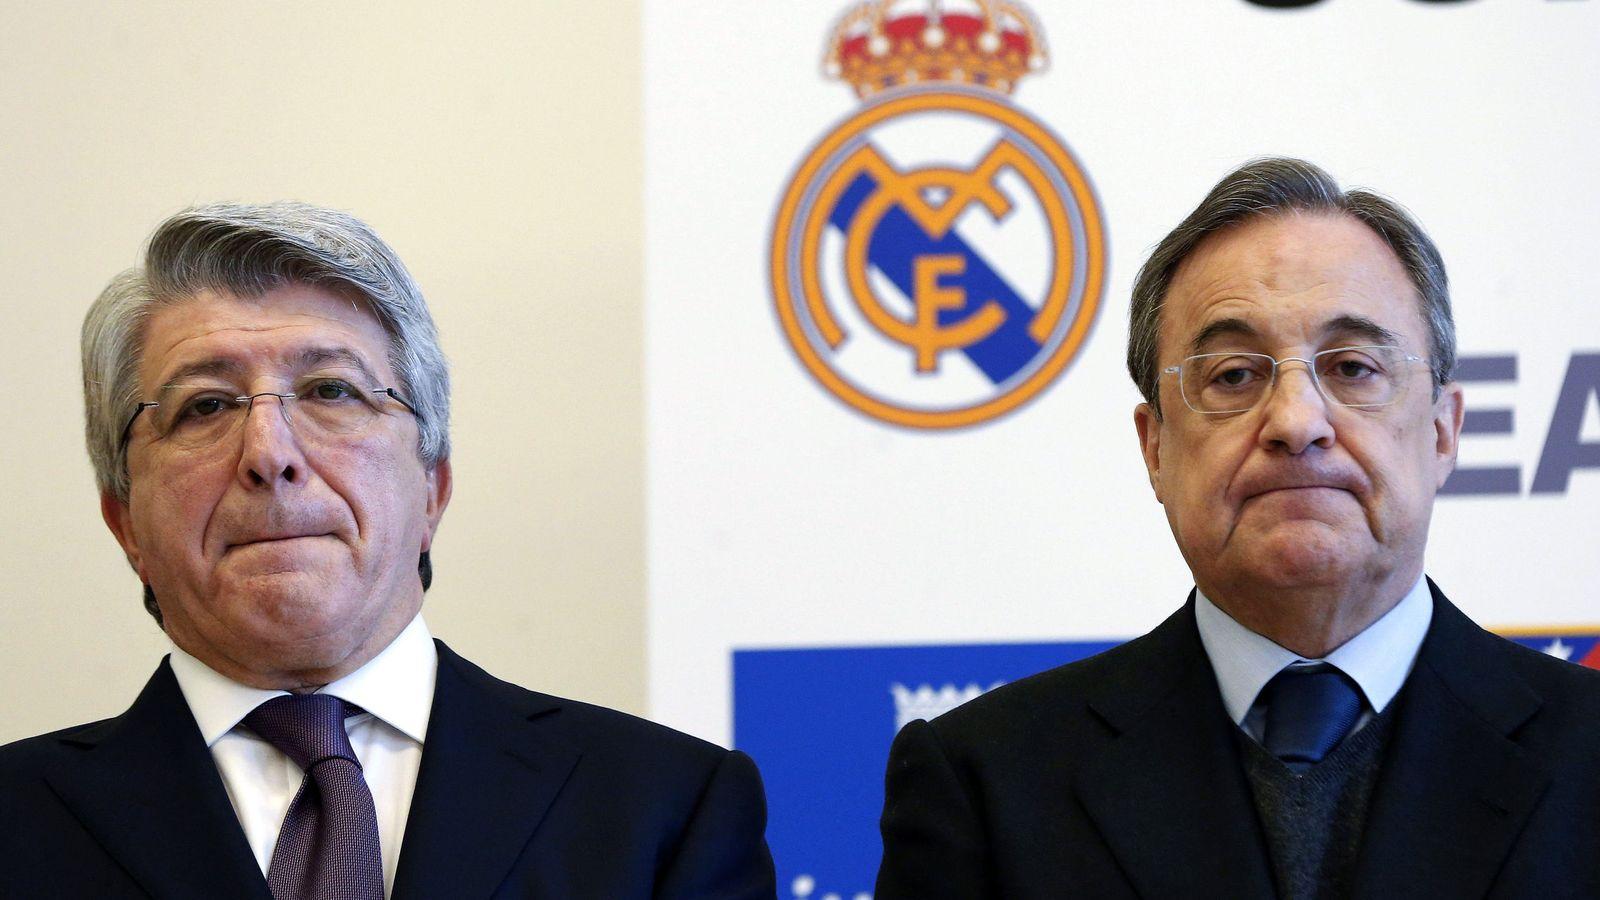 Foto: Enrique Cerezo, presidente del Atlético, junto a su homólogo del Real Madrid, Florentino Pérez. (EFE)